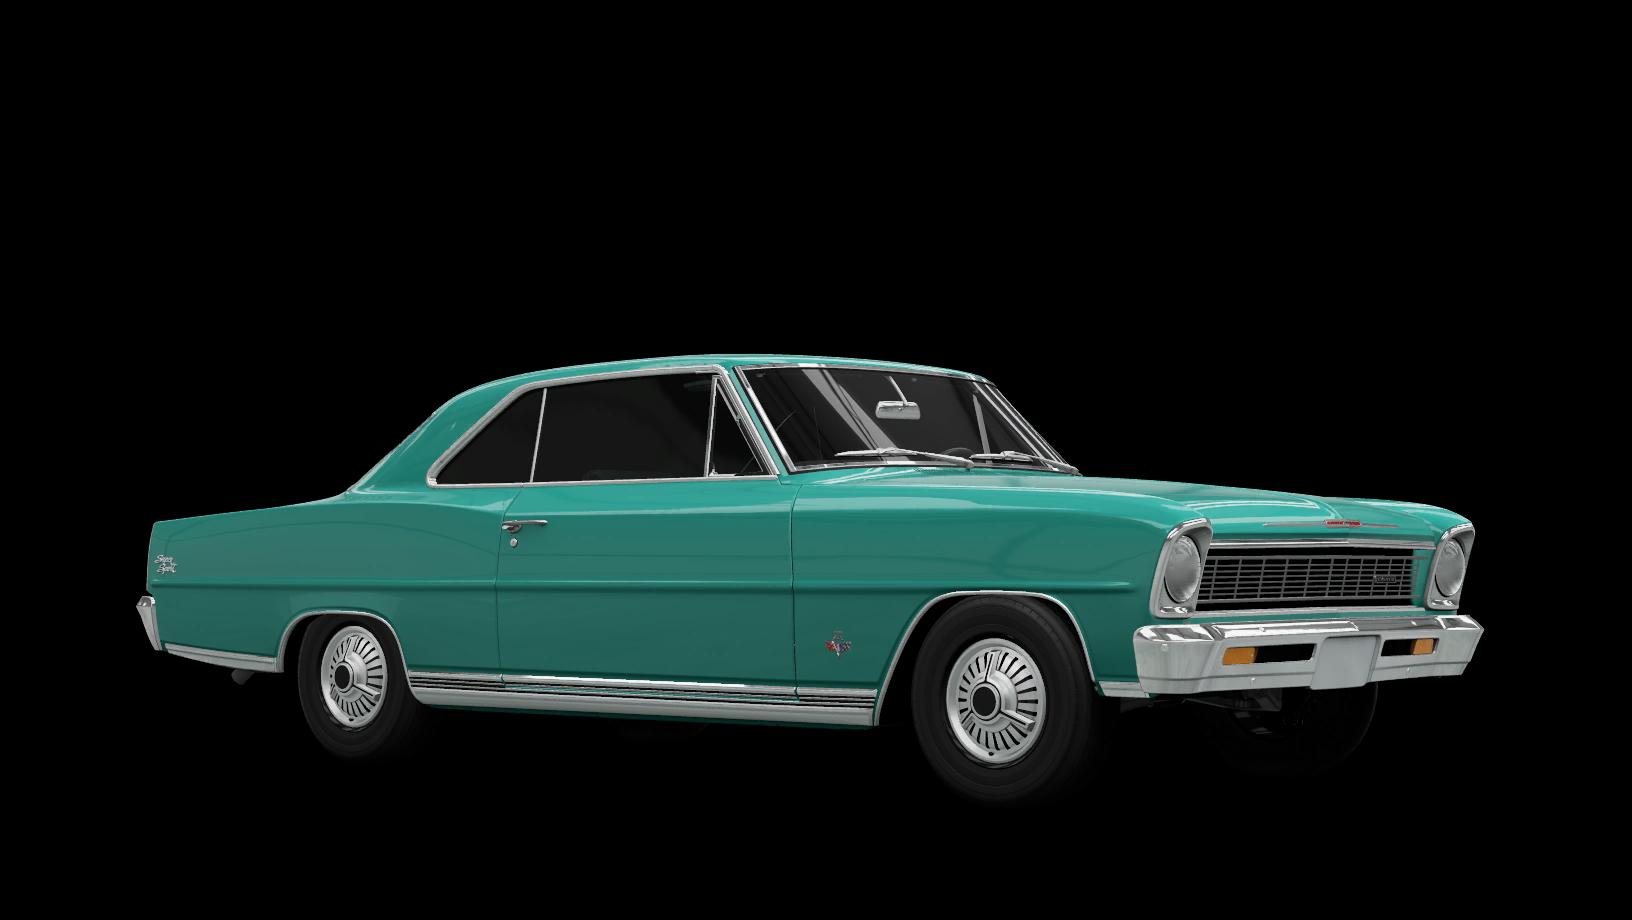 Chevrolet Nova Super Sport